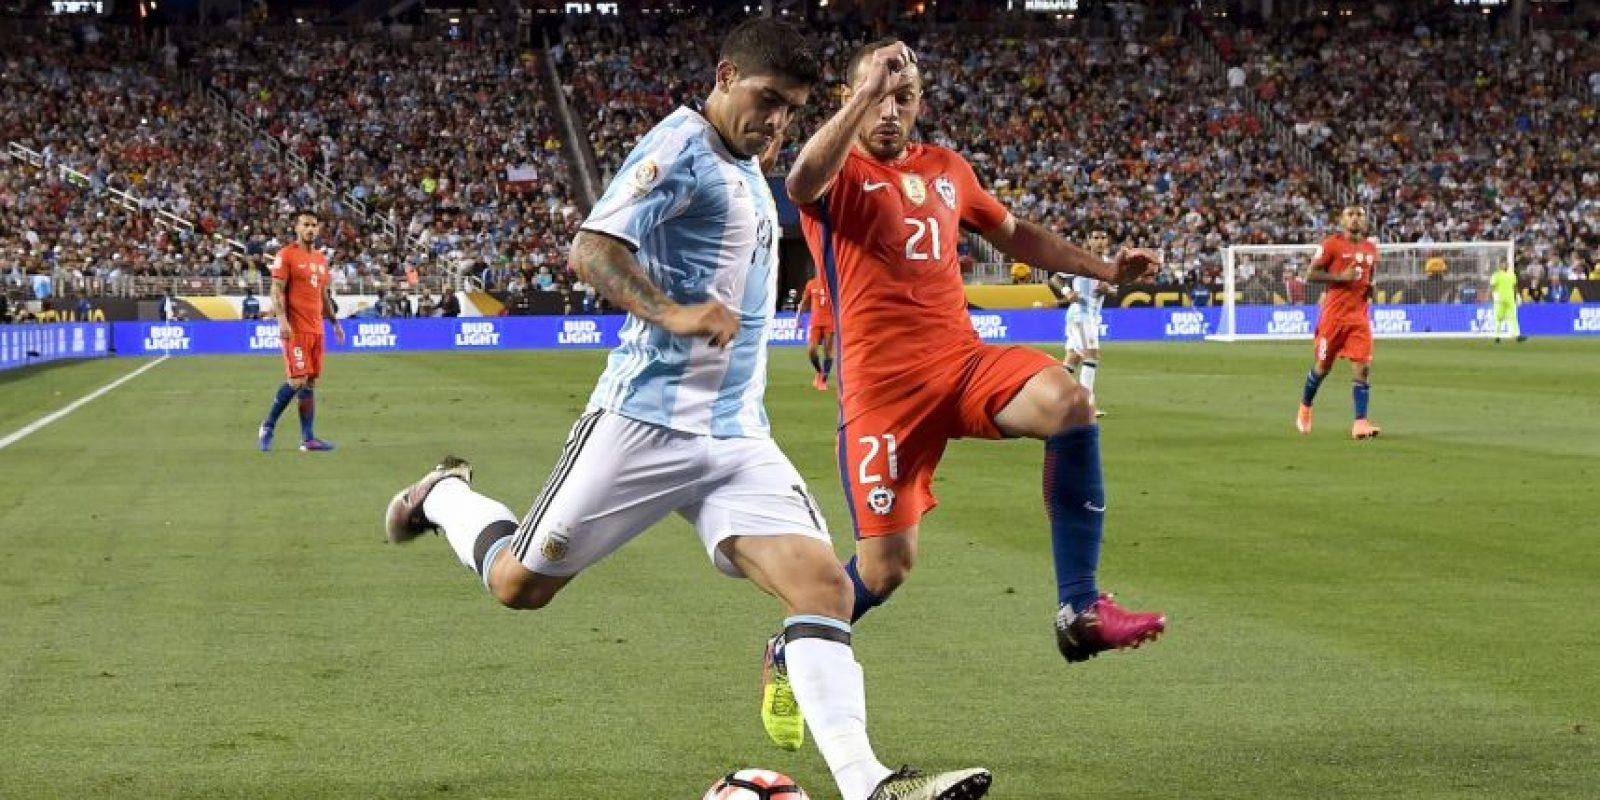 Por lo que el ganador del domingo sólo será campeón de la Copa América Centenario, torneo que se hará sólo una vez en la historia Foto:Getty Images